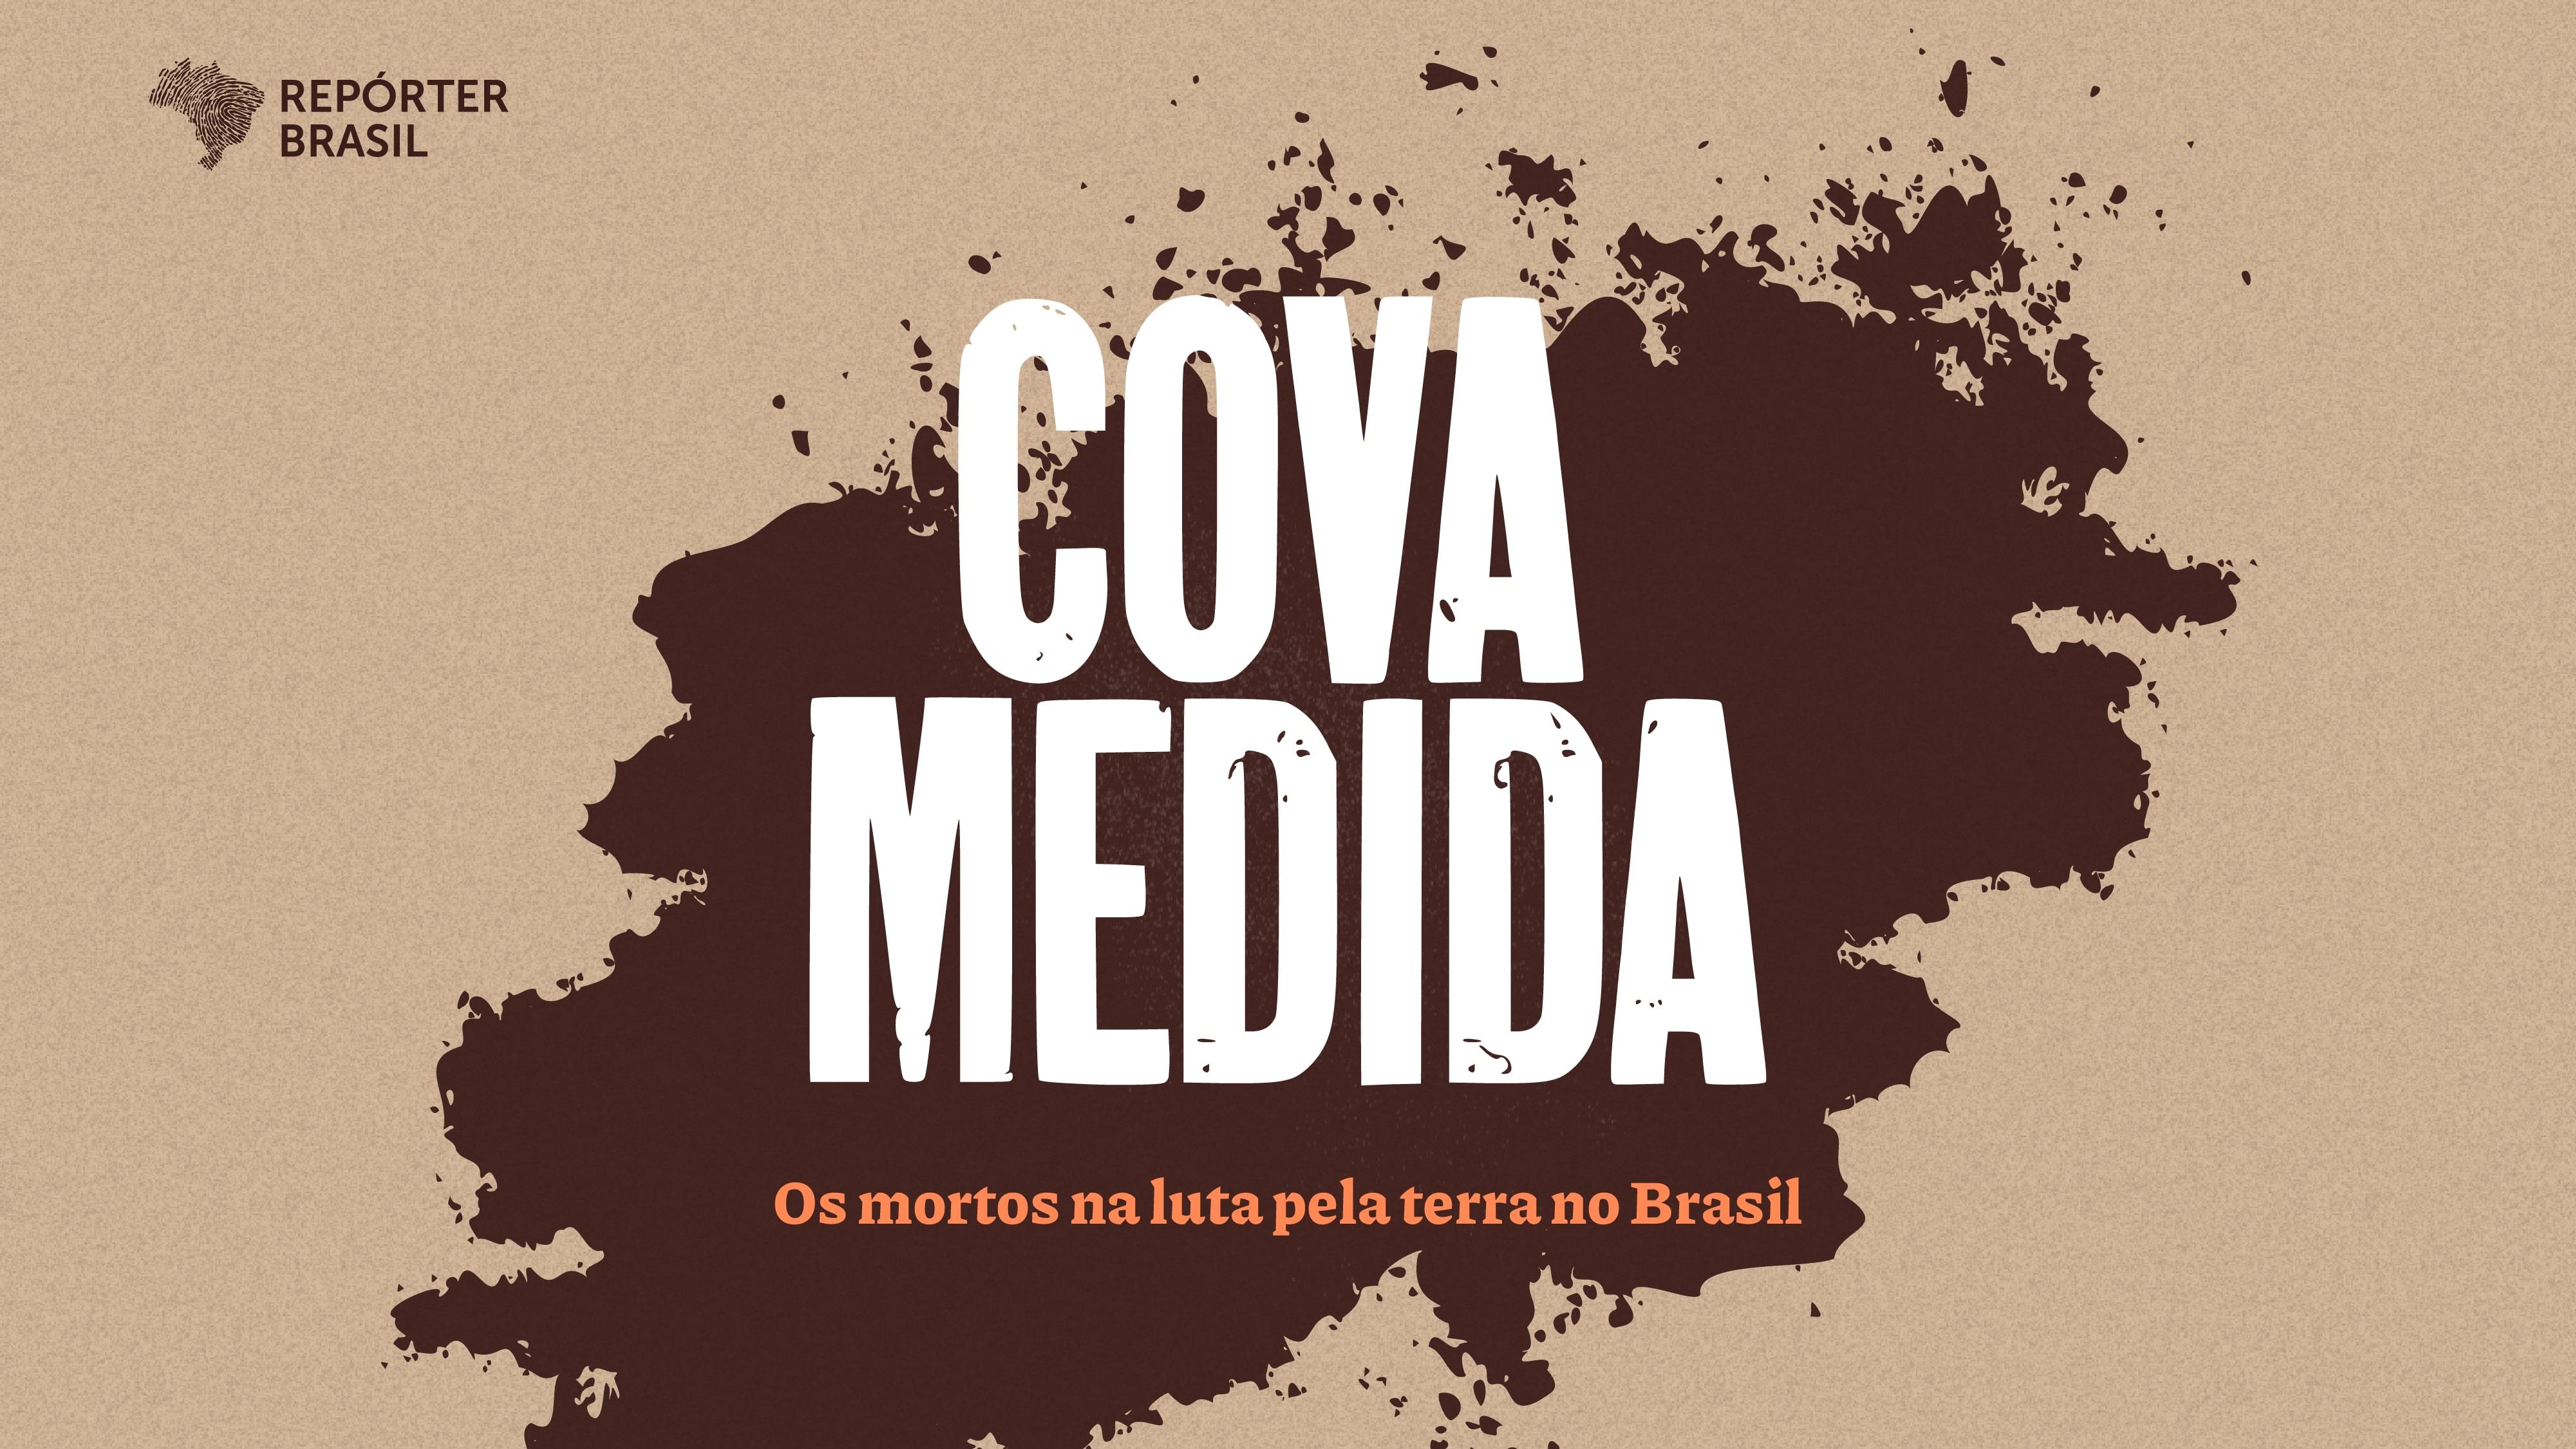 Cova Medida | Repórter Brasil